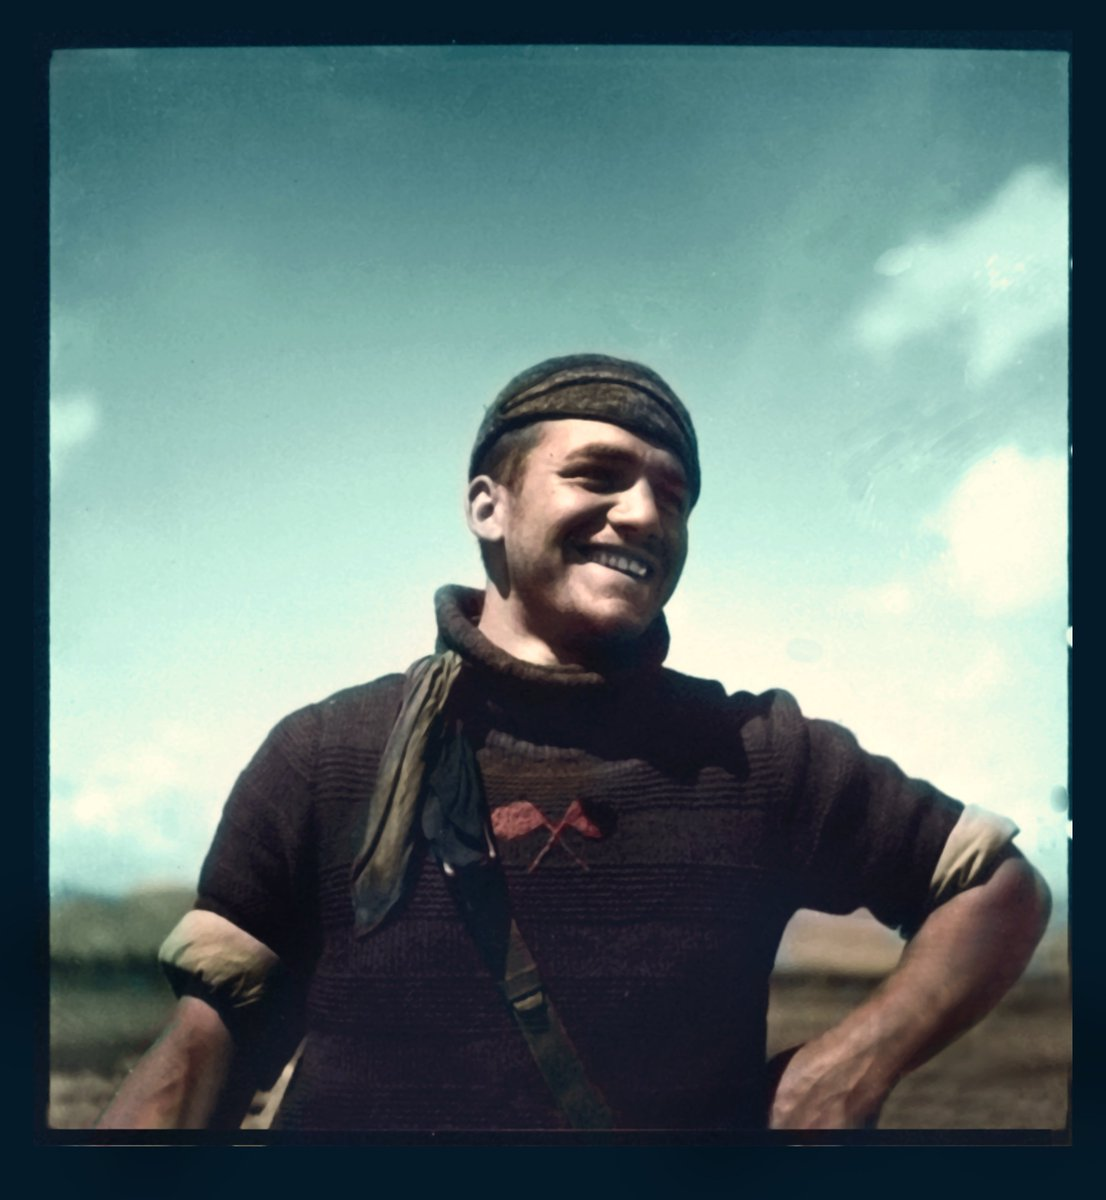 1937-38, Miliciano anarquista de la Columna Ascaso en el Frente de Aragón. Archivo Memoria Histórica. Coloreada. Colorized. Kati Horna en España